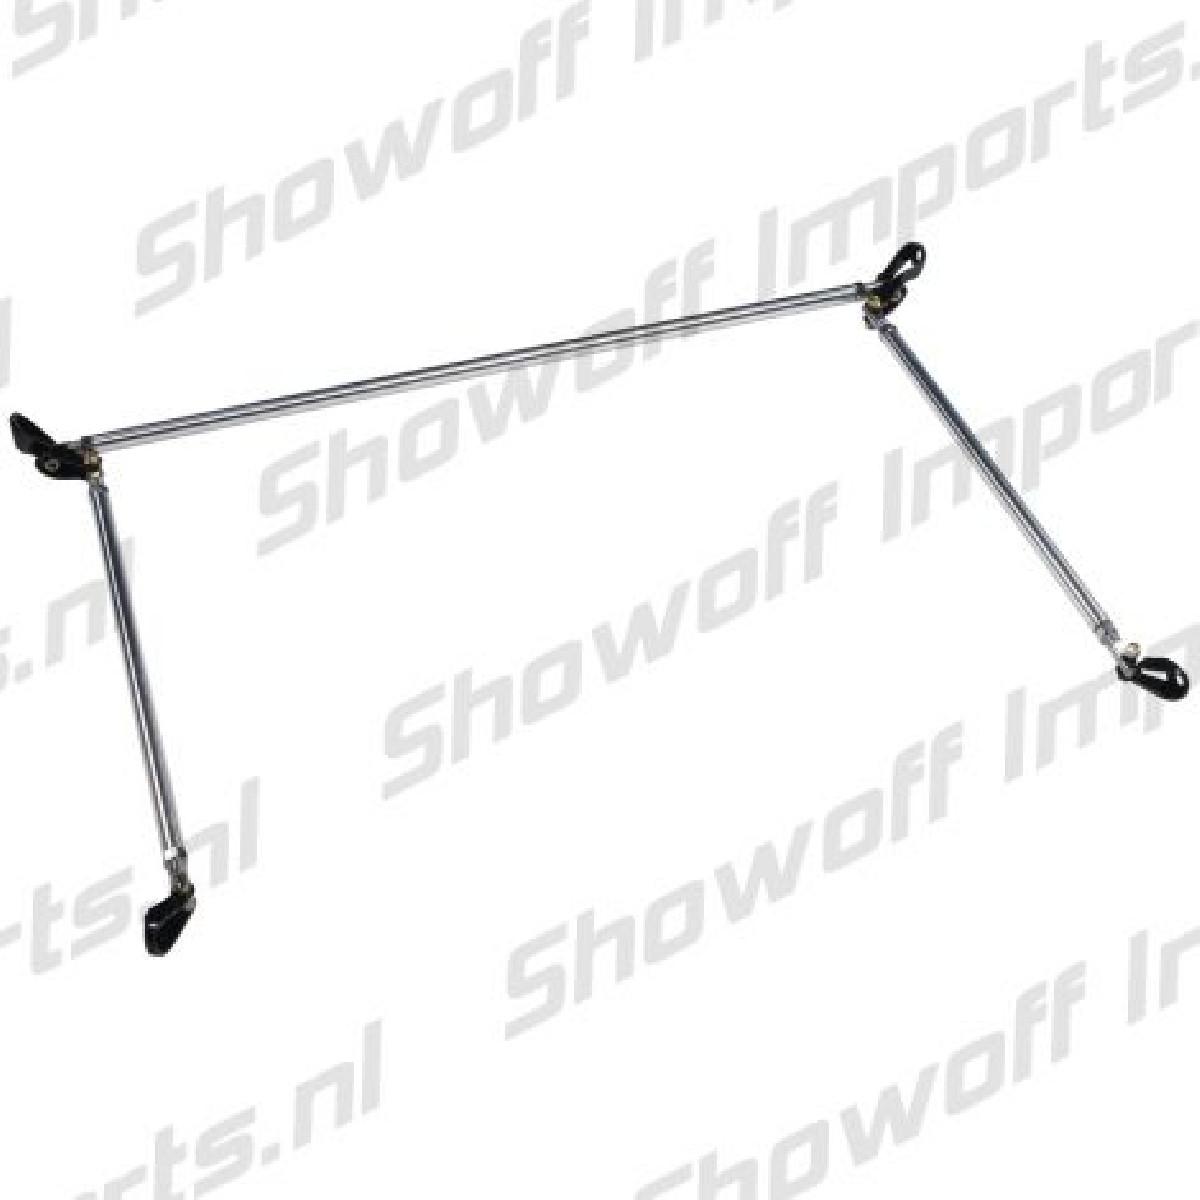 Honda Civic 92-95 3D B+C Pillar Bar Set 3-Piece